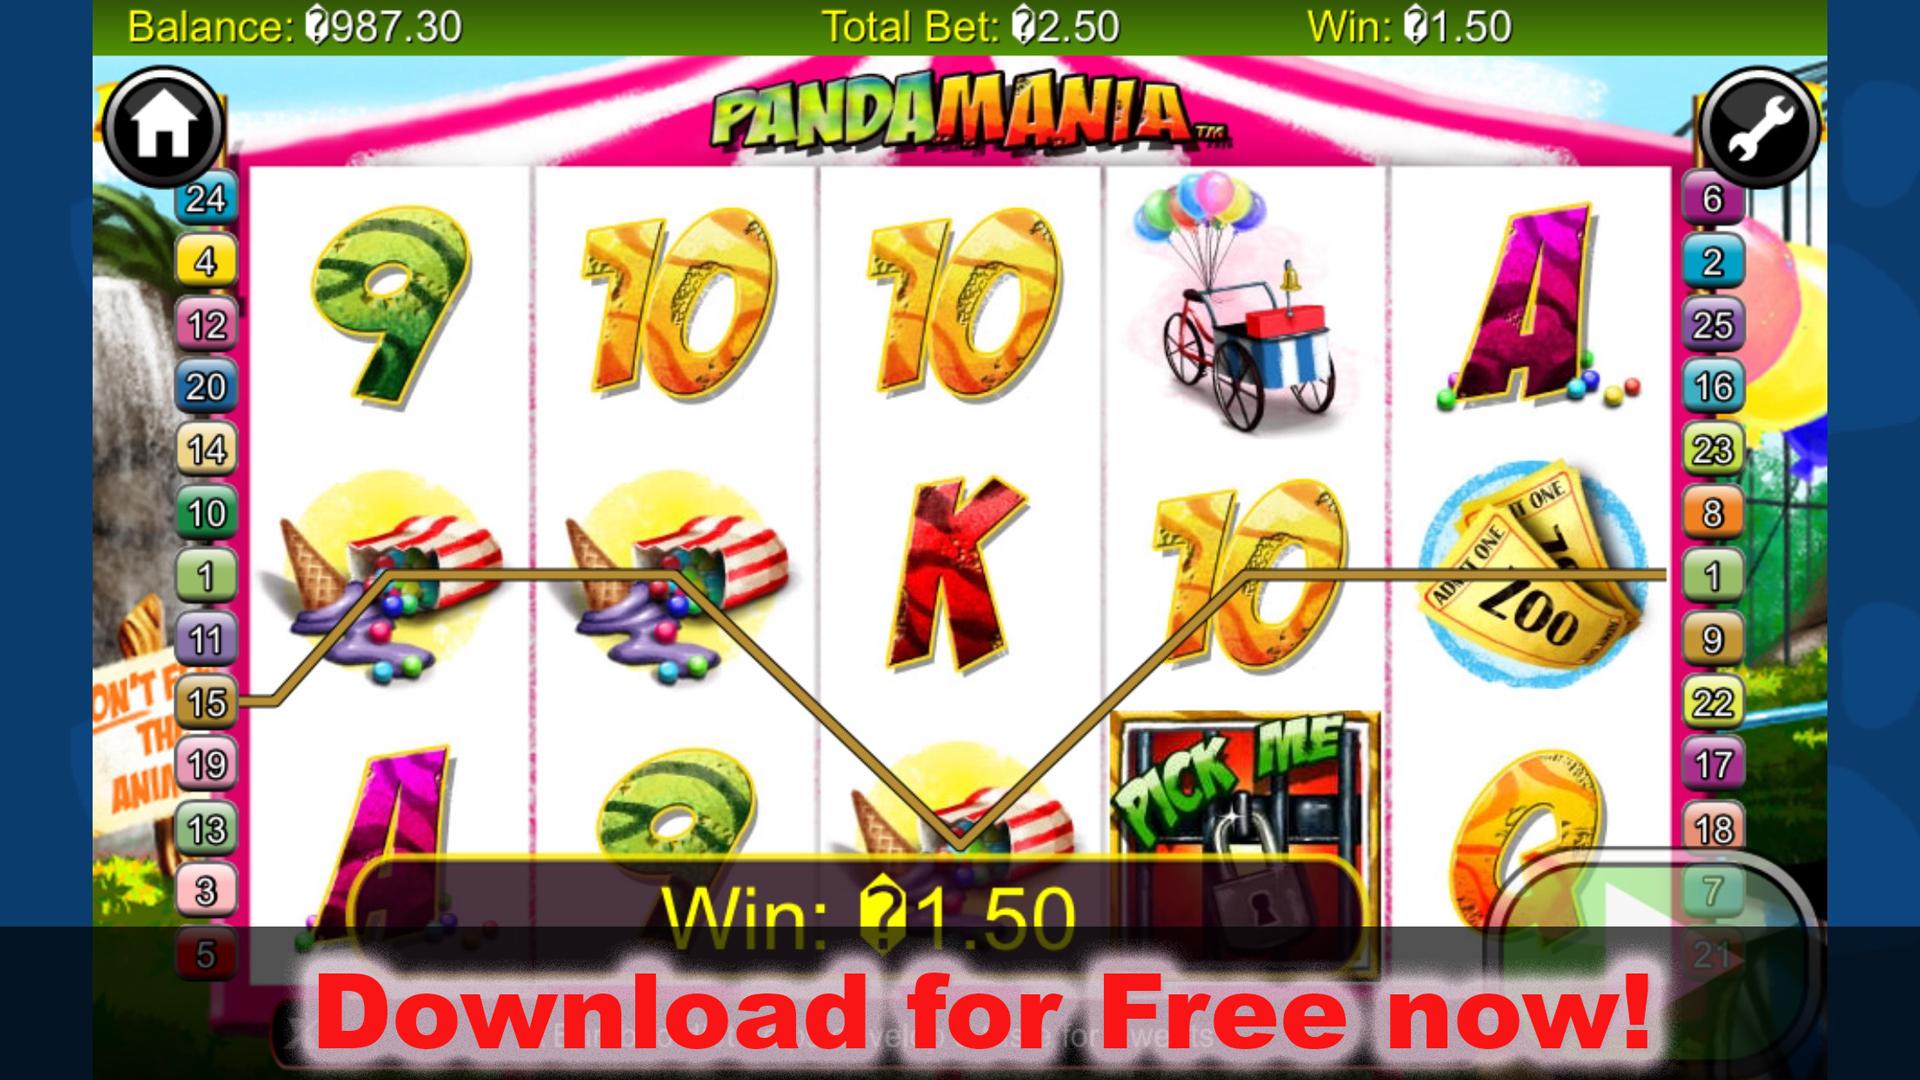 Bonos casino Nueva Zelanda descargar juegos de para celular - 55167